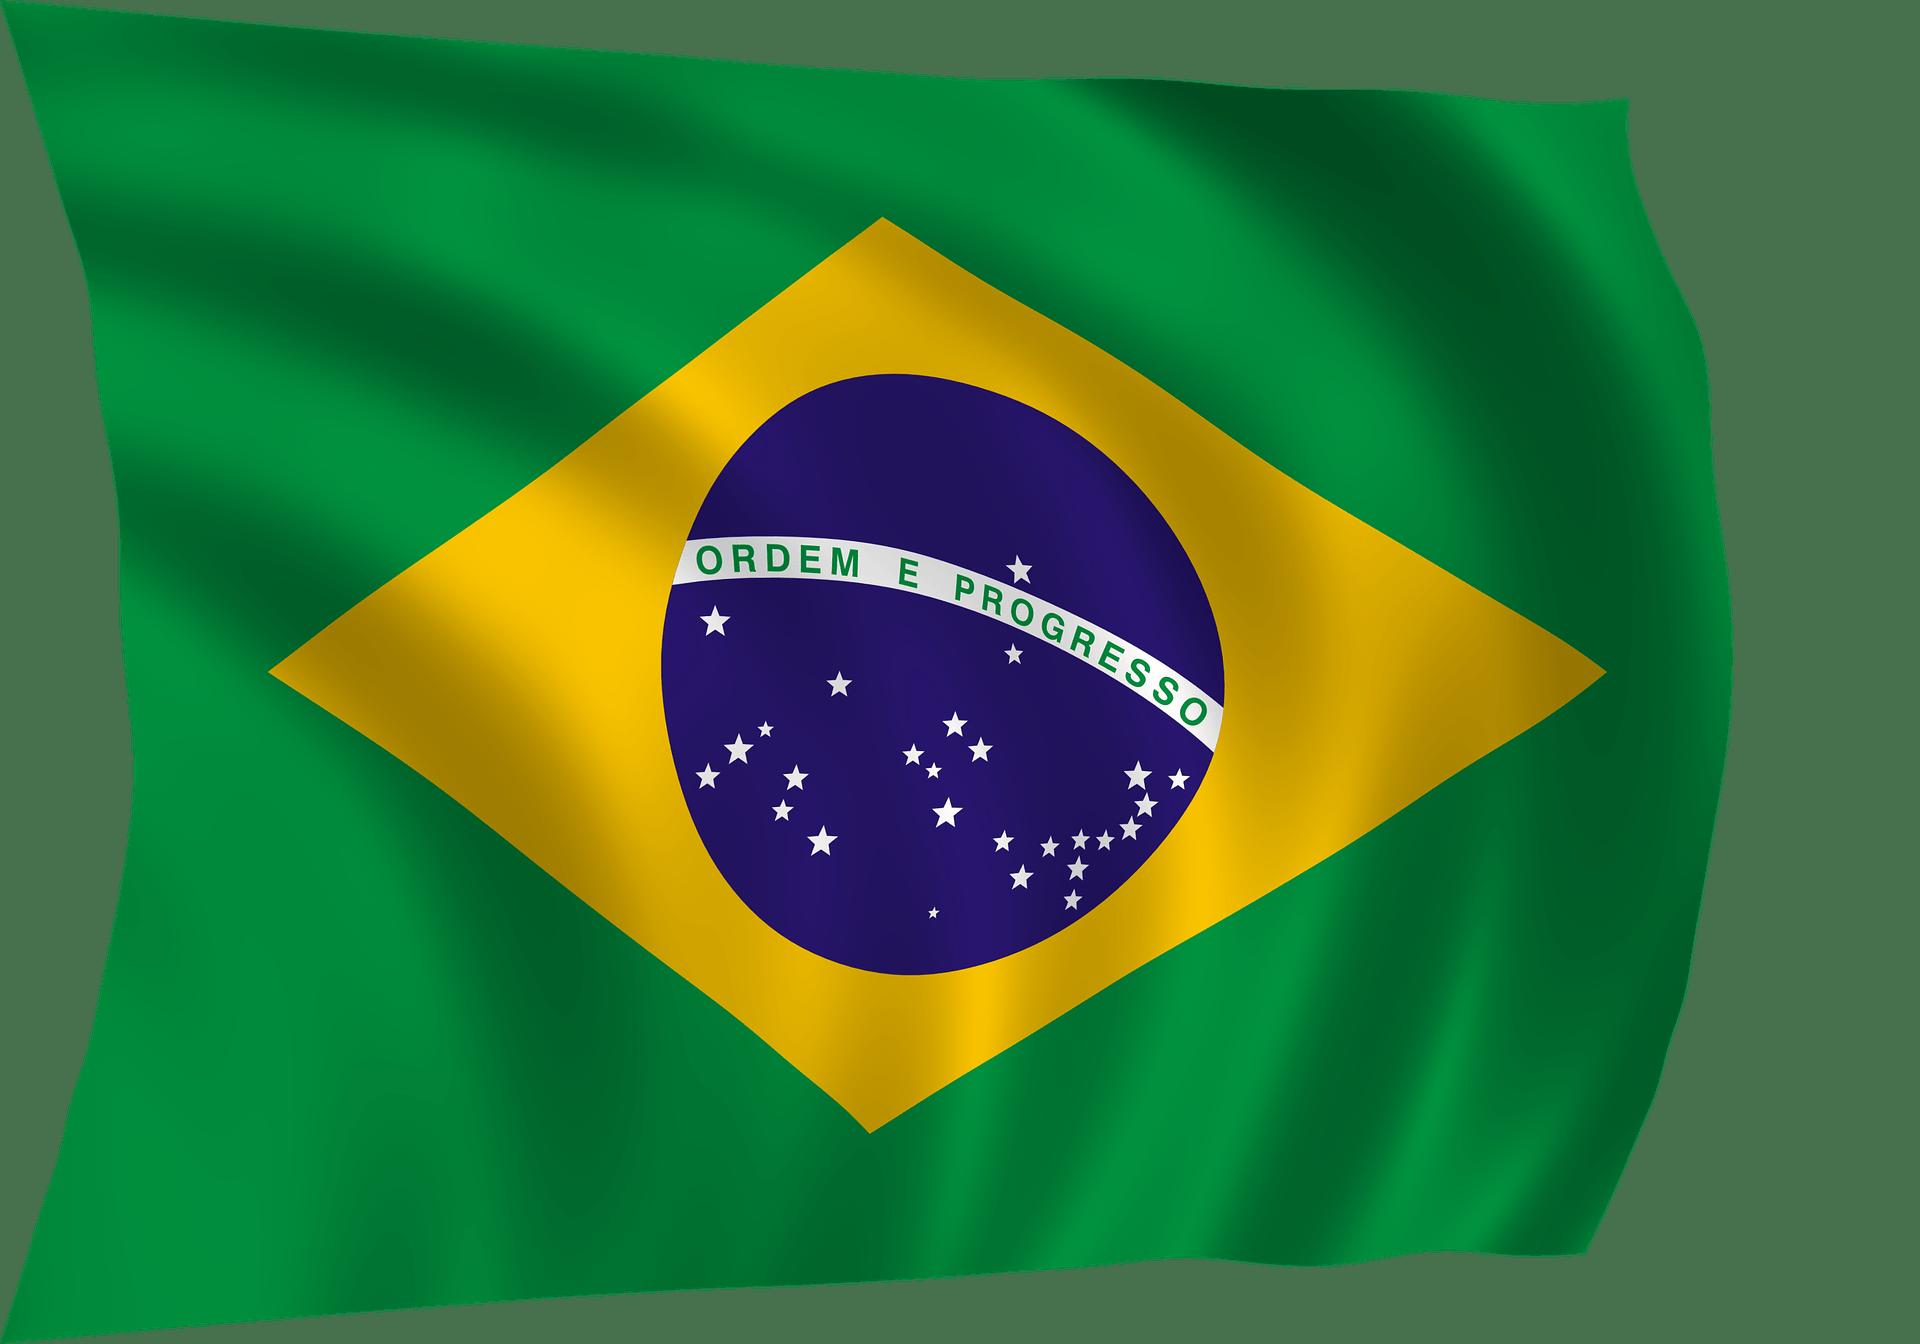 Nuevo requisito para visas en el Consulado de Brasil